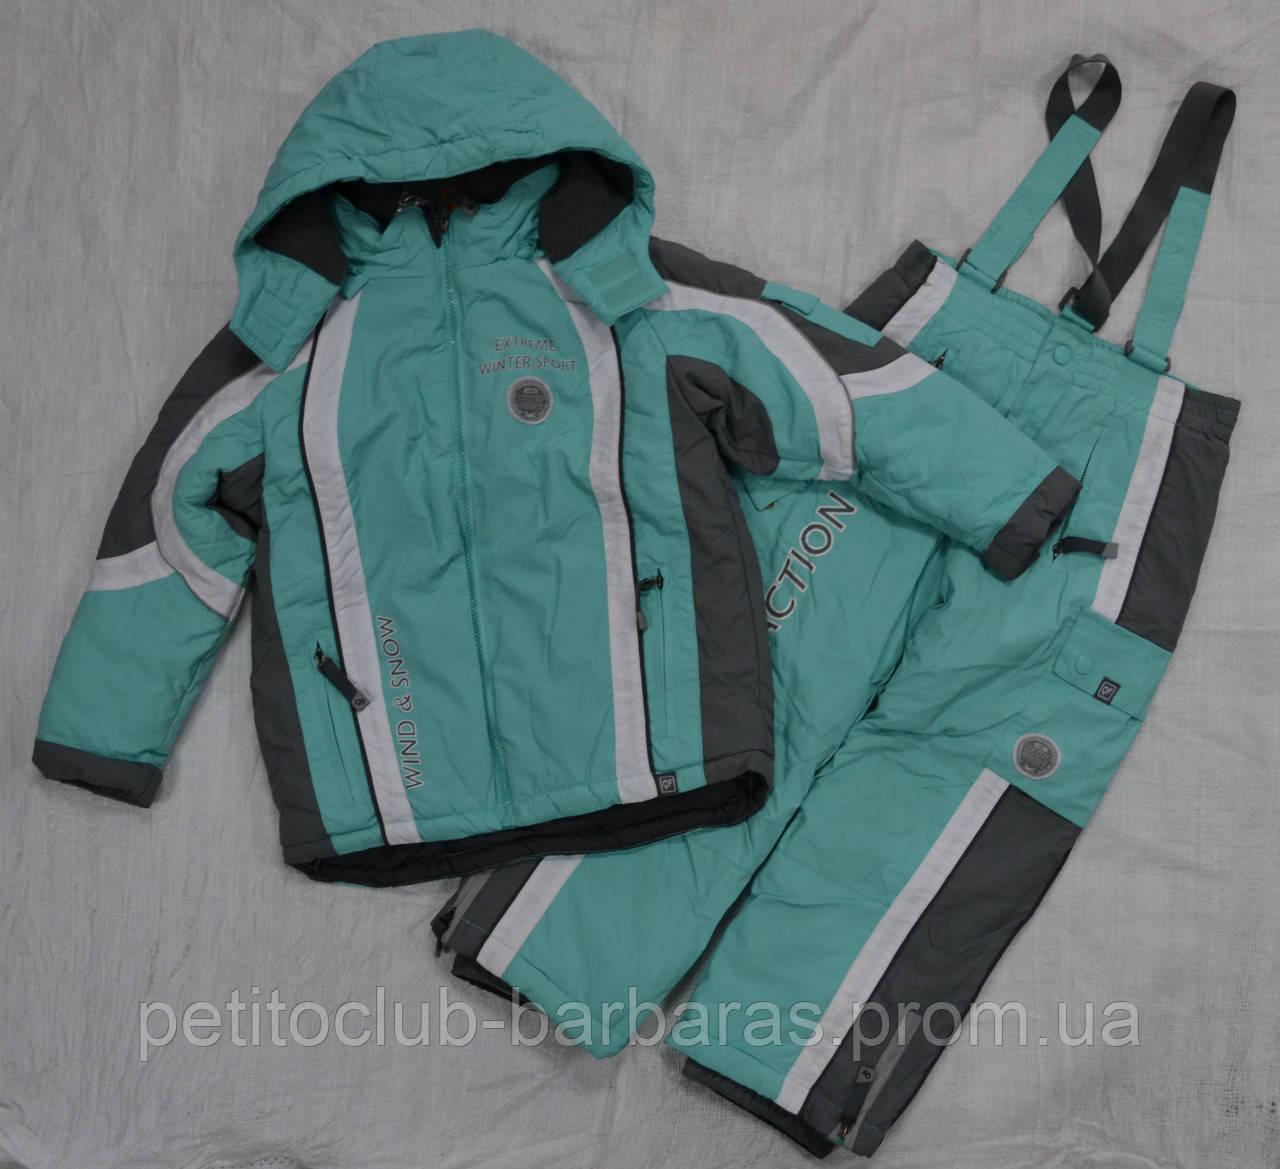 Зимний комплект: куртка и штаны голубой (QuadriFoglio, Польша)